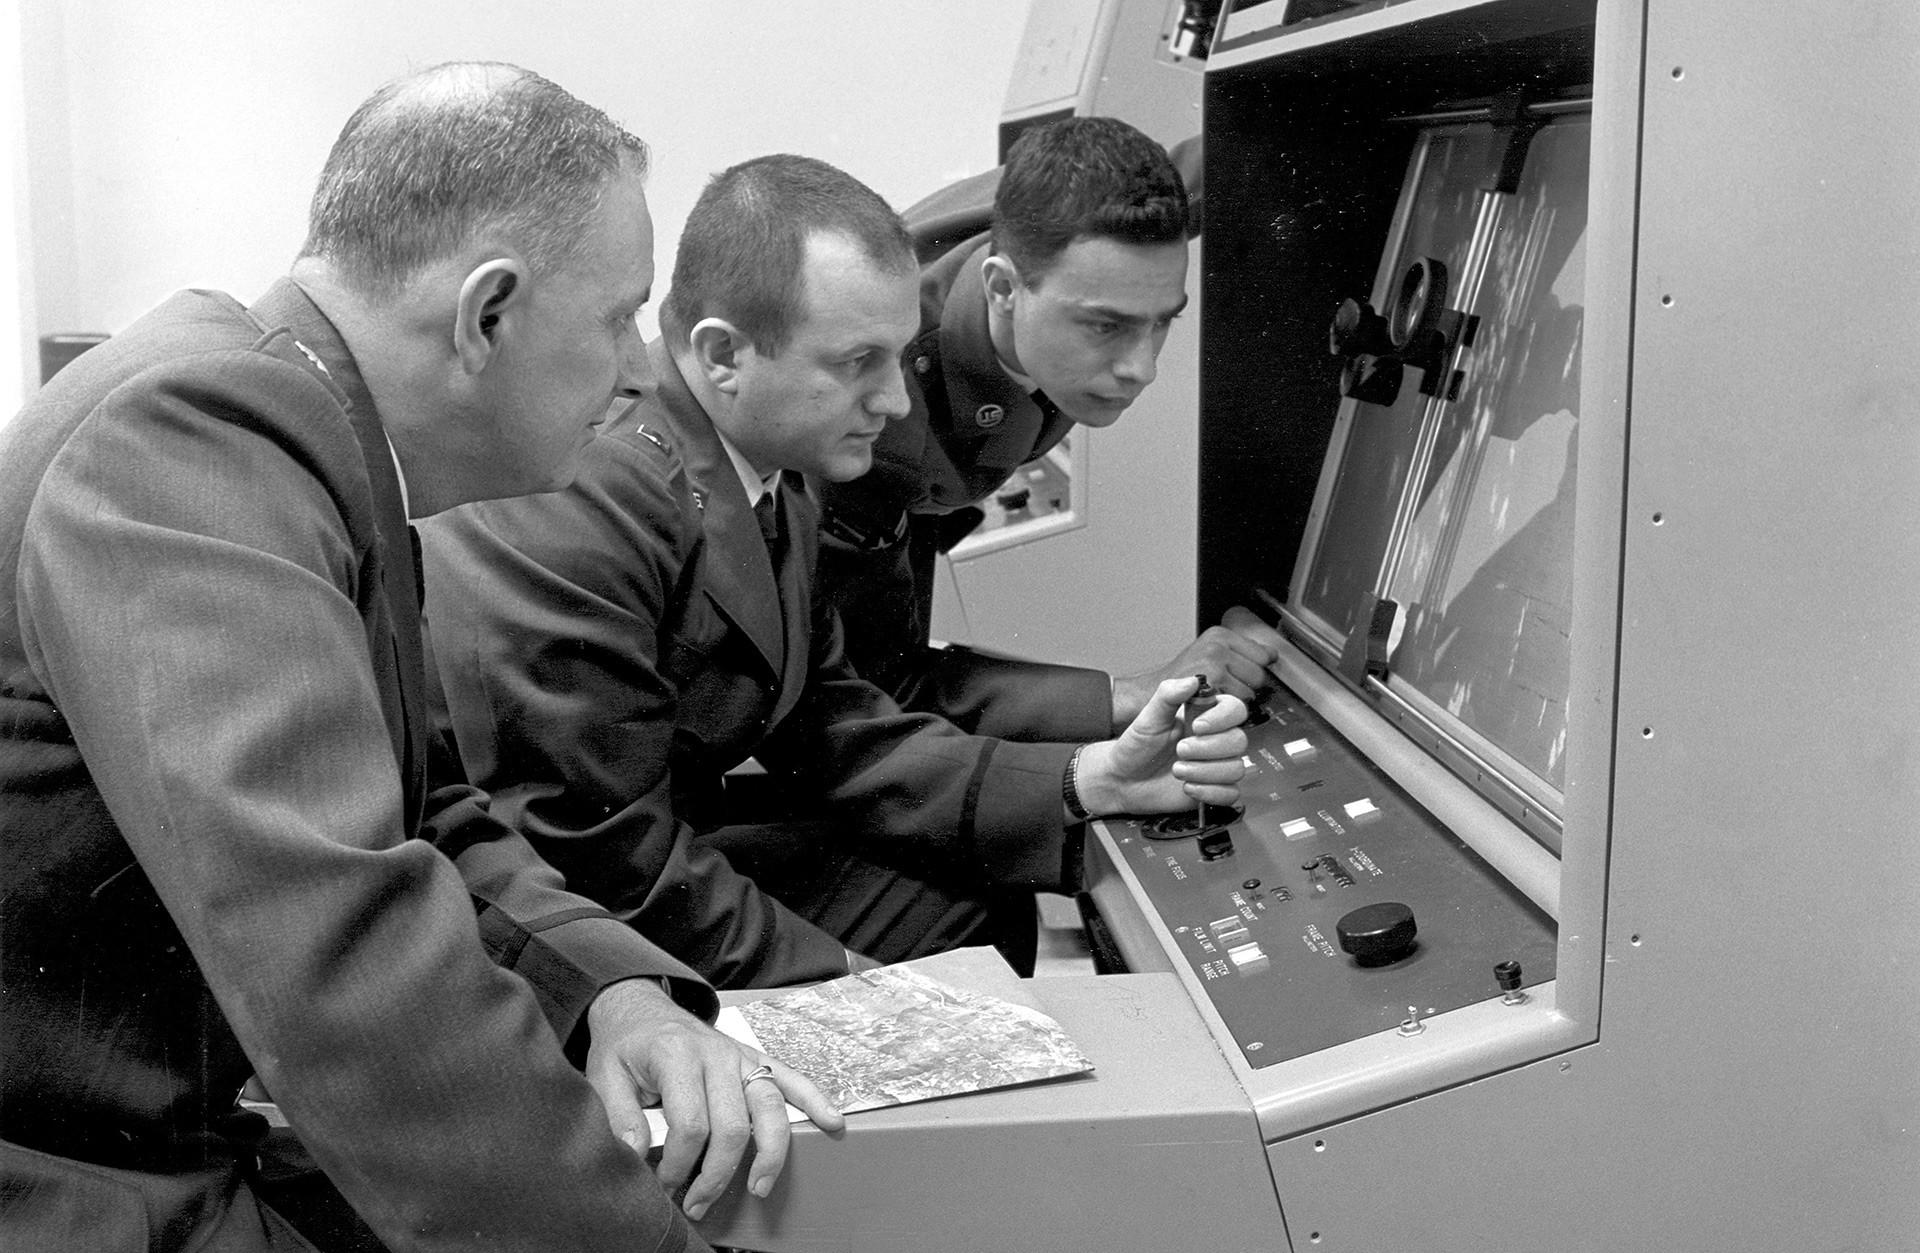 Personel Komando Udara Strategis menafsirkan foto pengintaian selama Krisis Rudal Kuba, 1962.